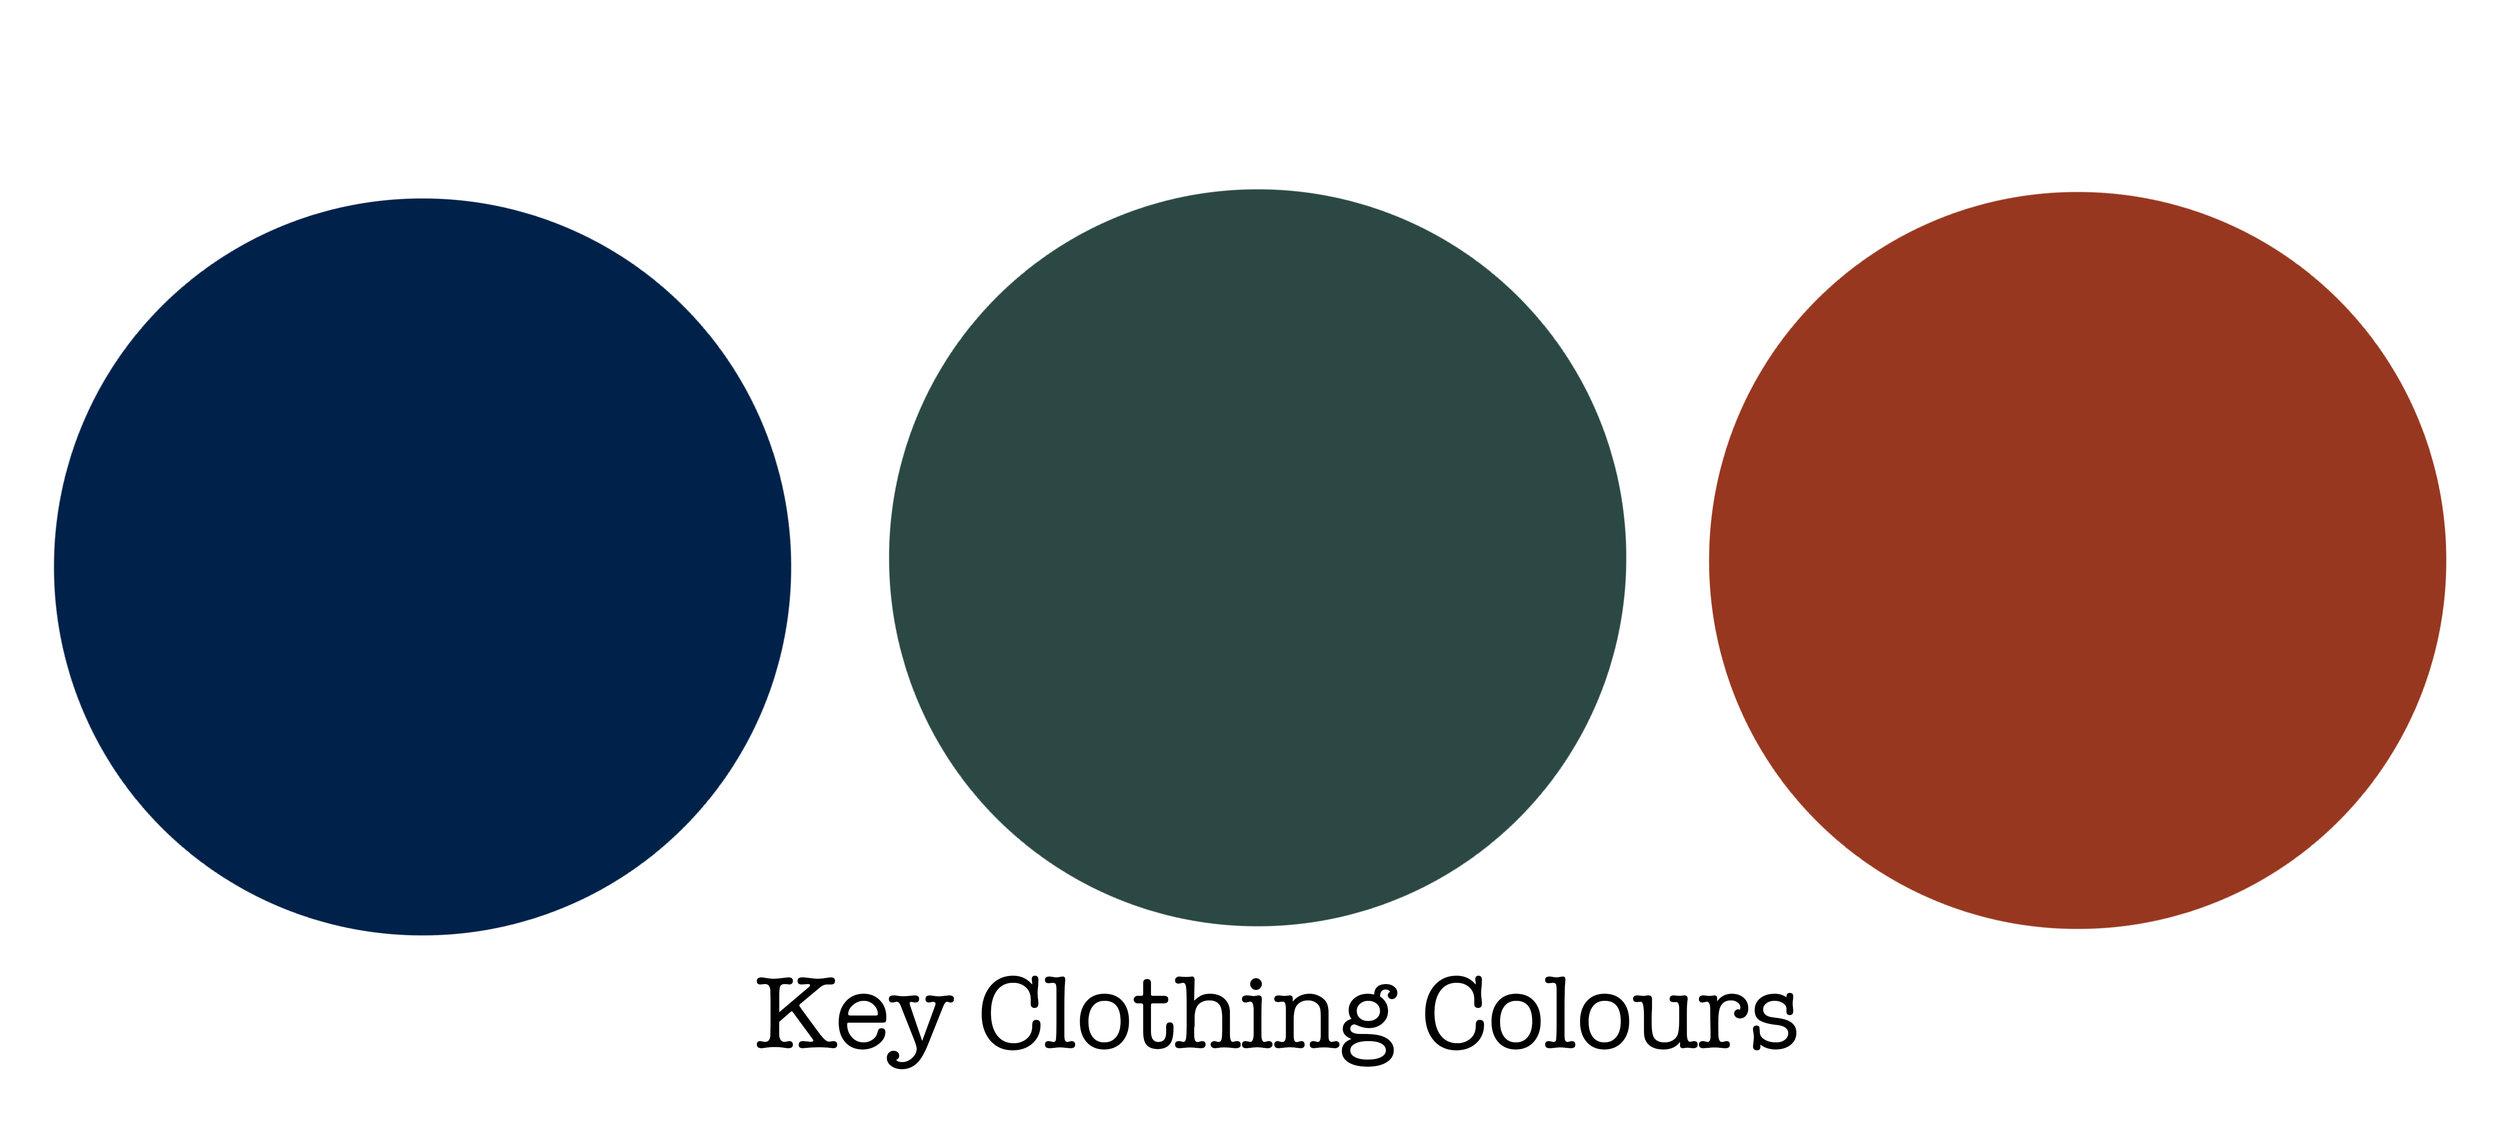 Tentsmuir colours.jpg